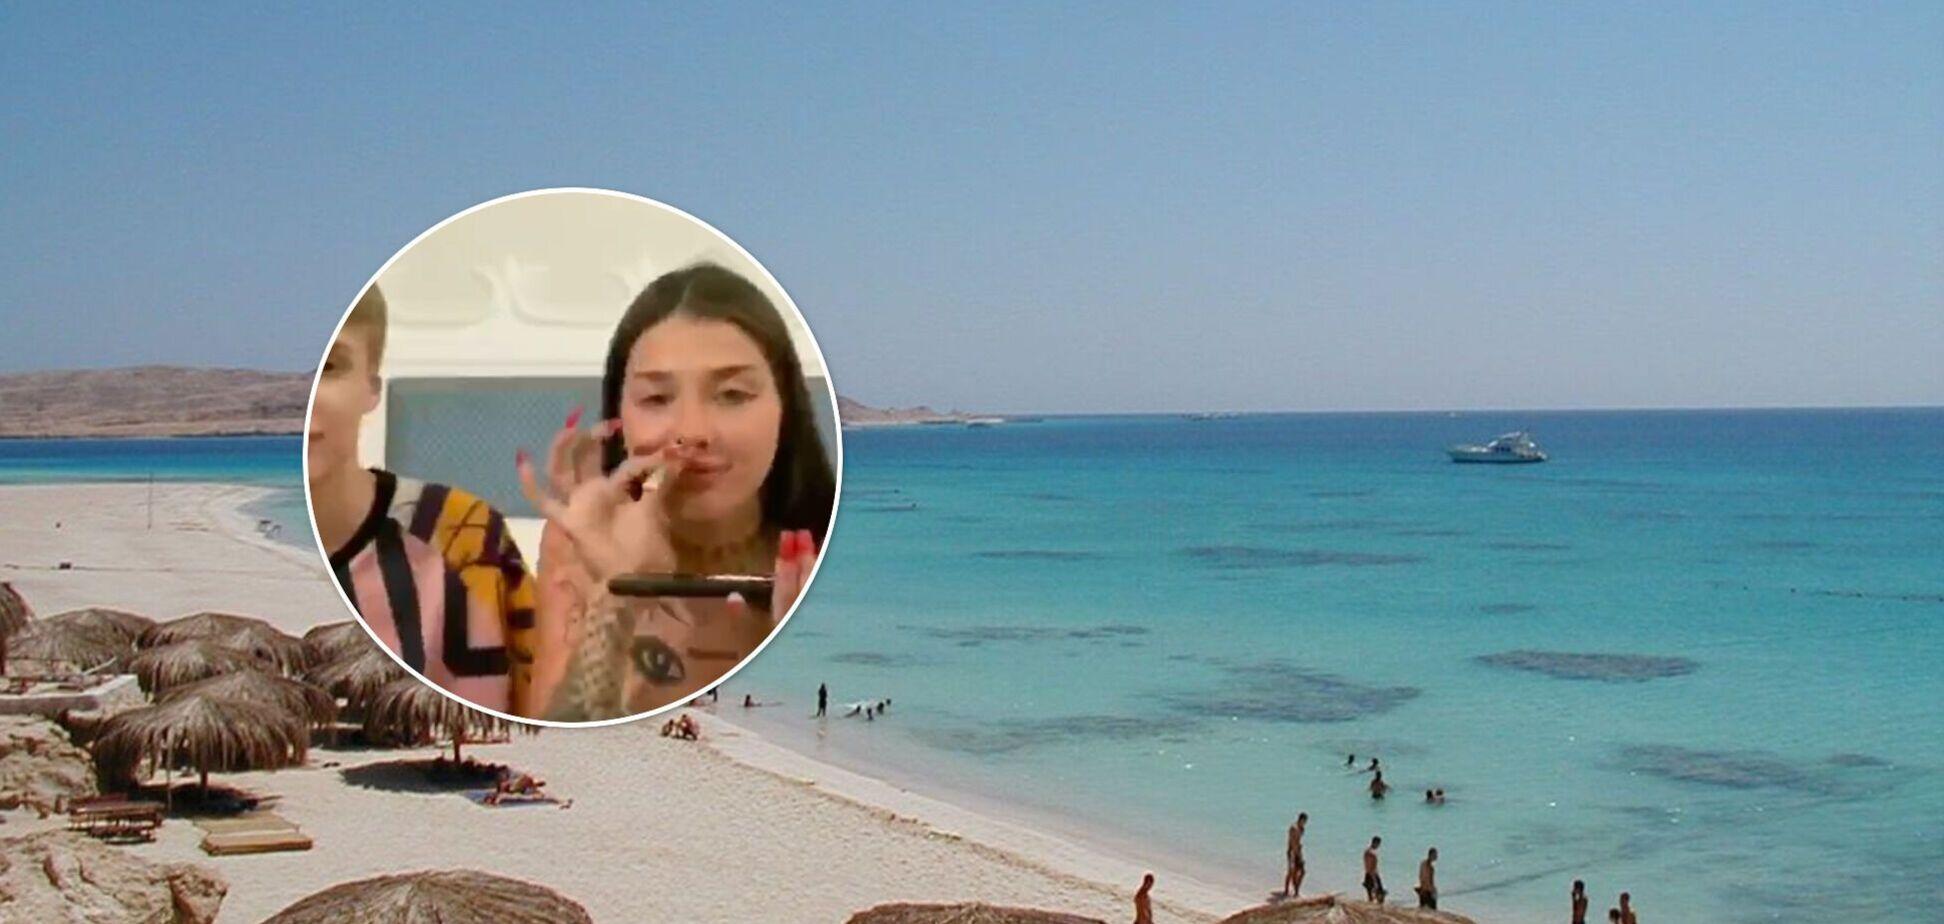 18-річна блогерка, яка розгромила готельний номер у Києві, нібито вживала наркотики в Єгипті. Відео